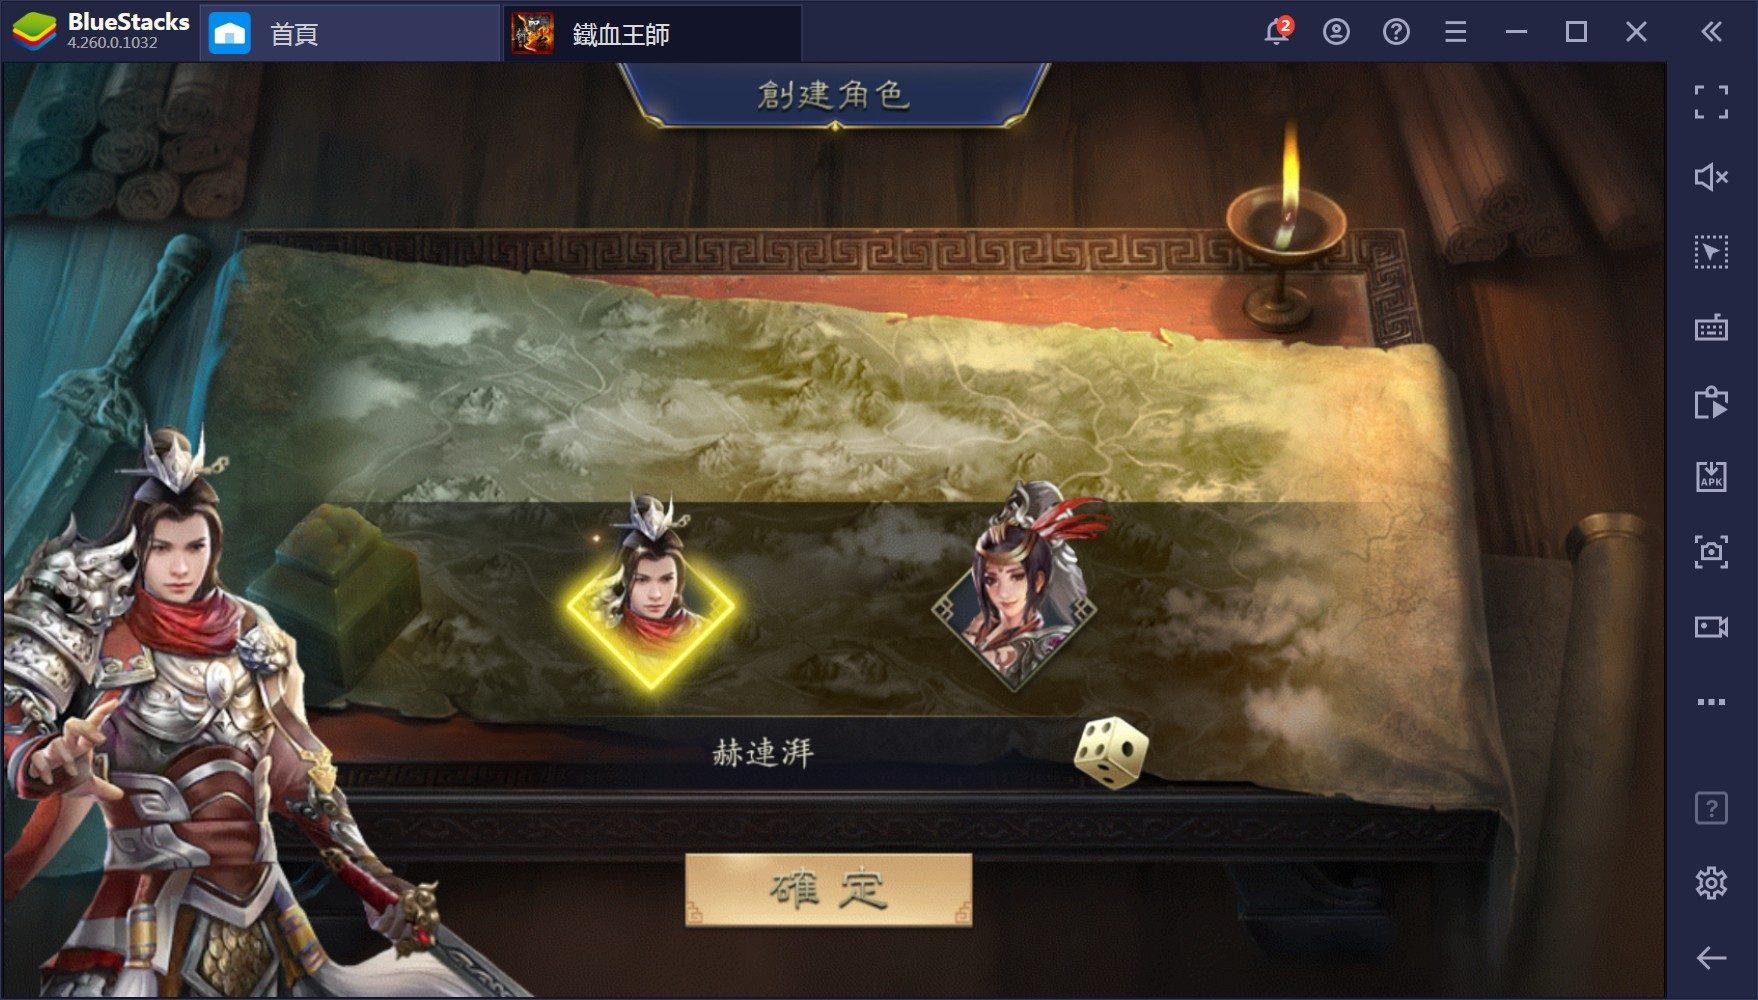 使用BlueStacks在PC上遊玩即時策略三國手機遊戲《鐵血三國》